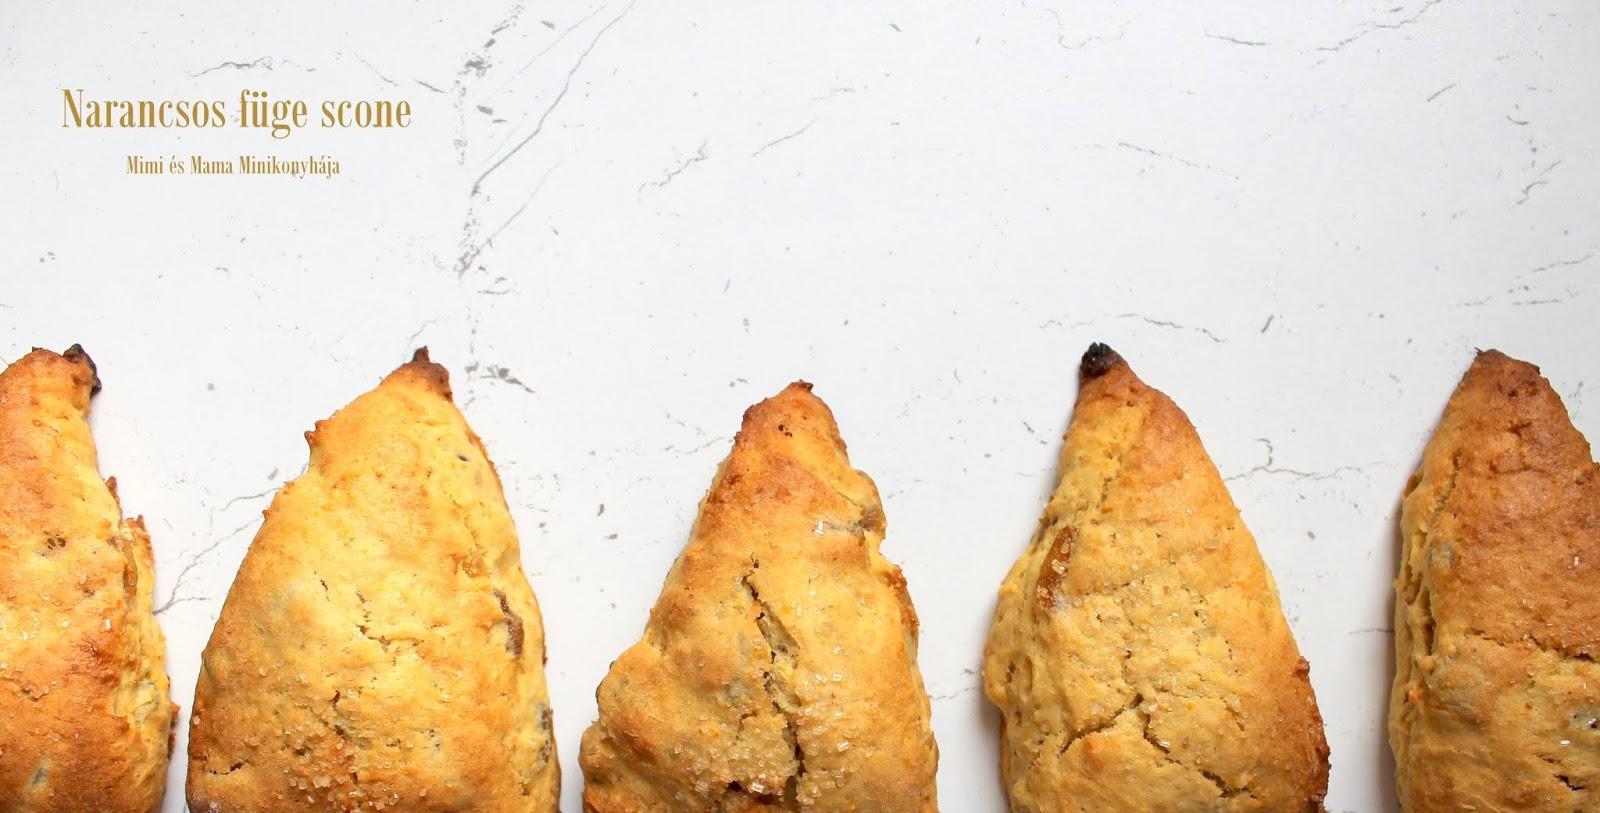 Narancsos füge scone